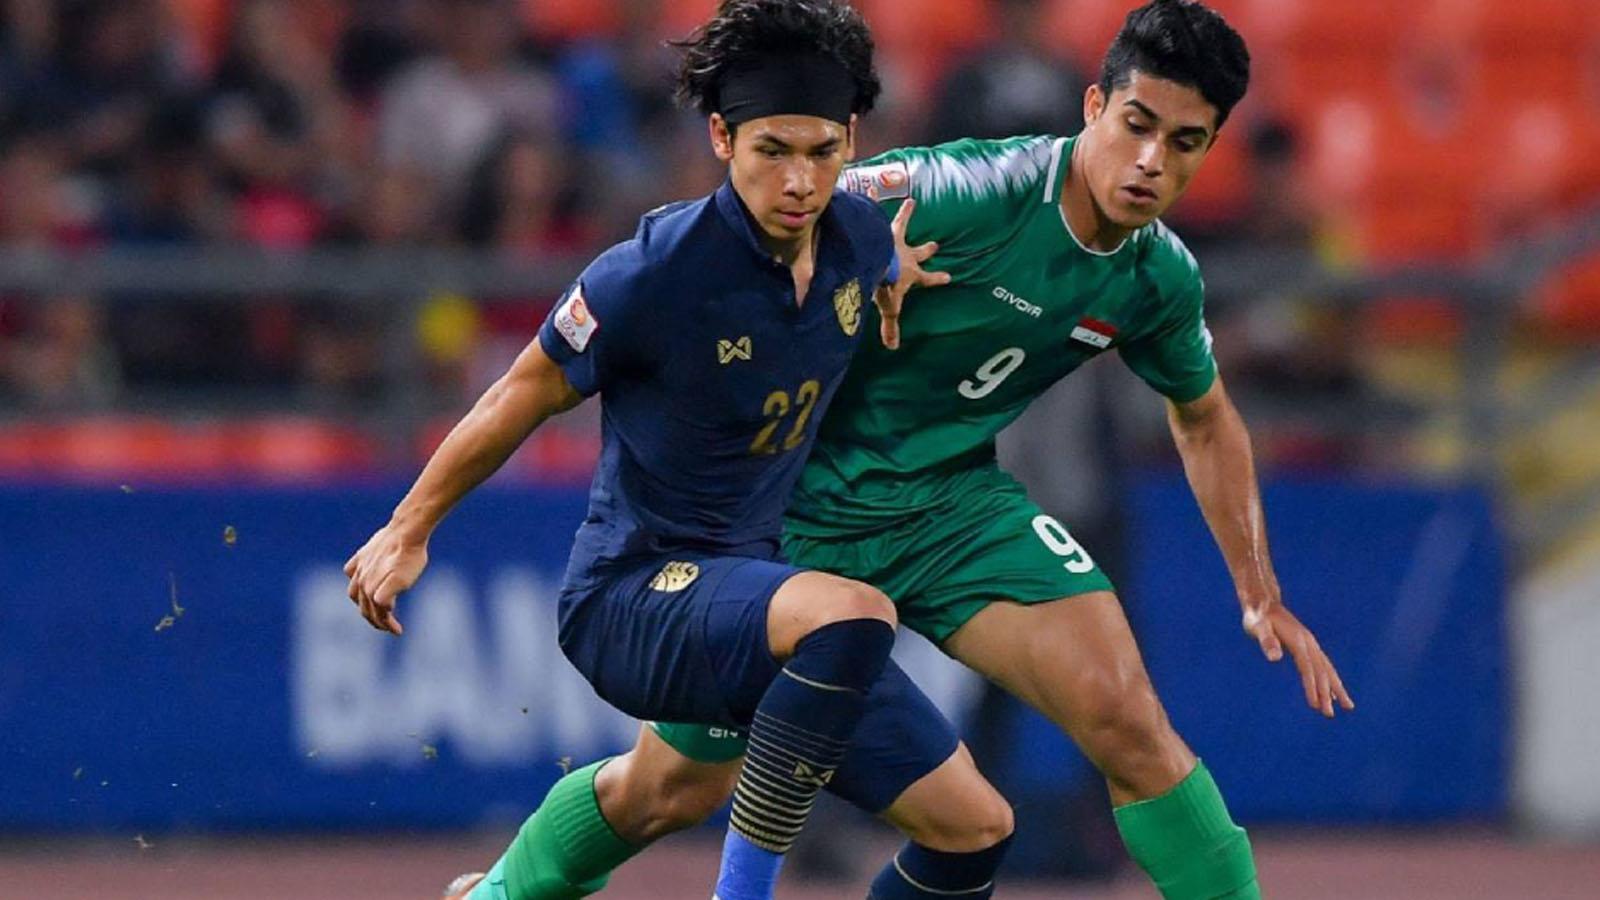 ไฮไลท์ฟุตบอล ไทย 1-1 อิรัก